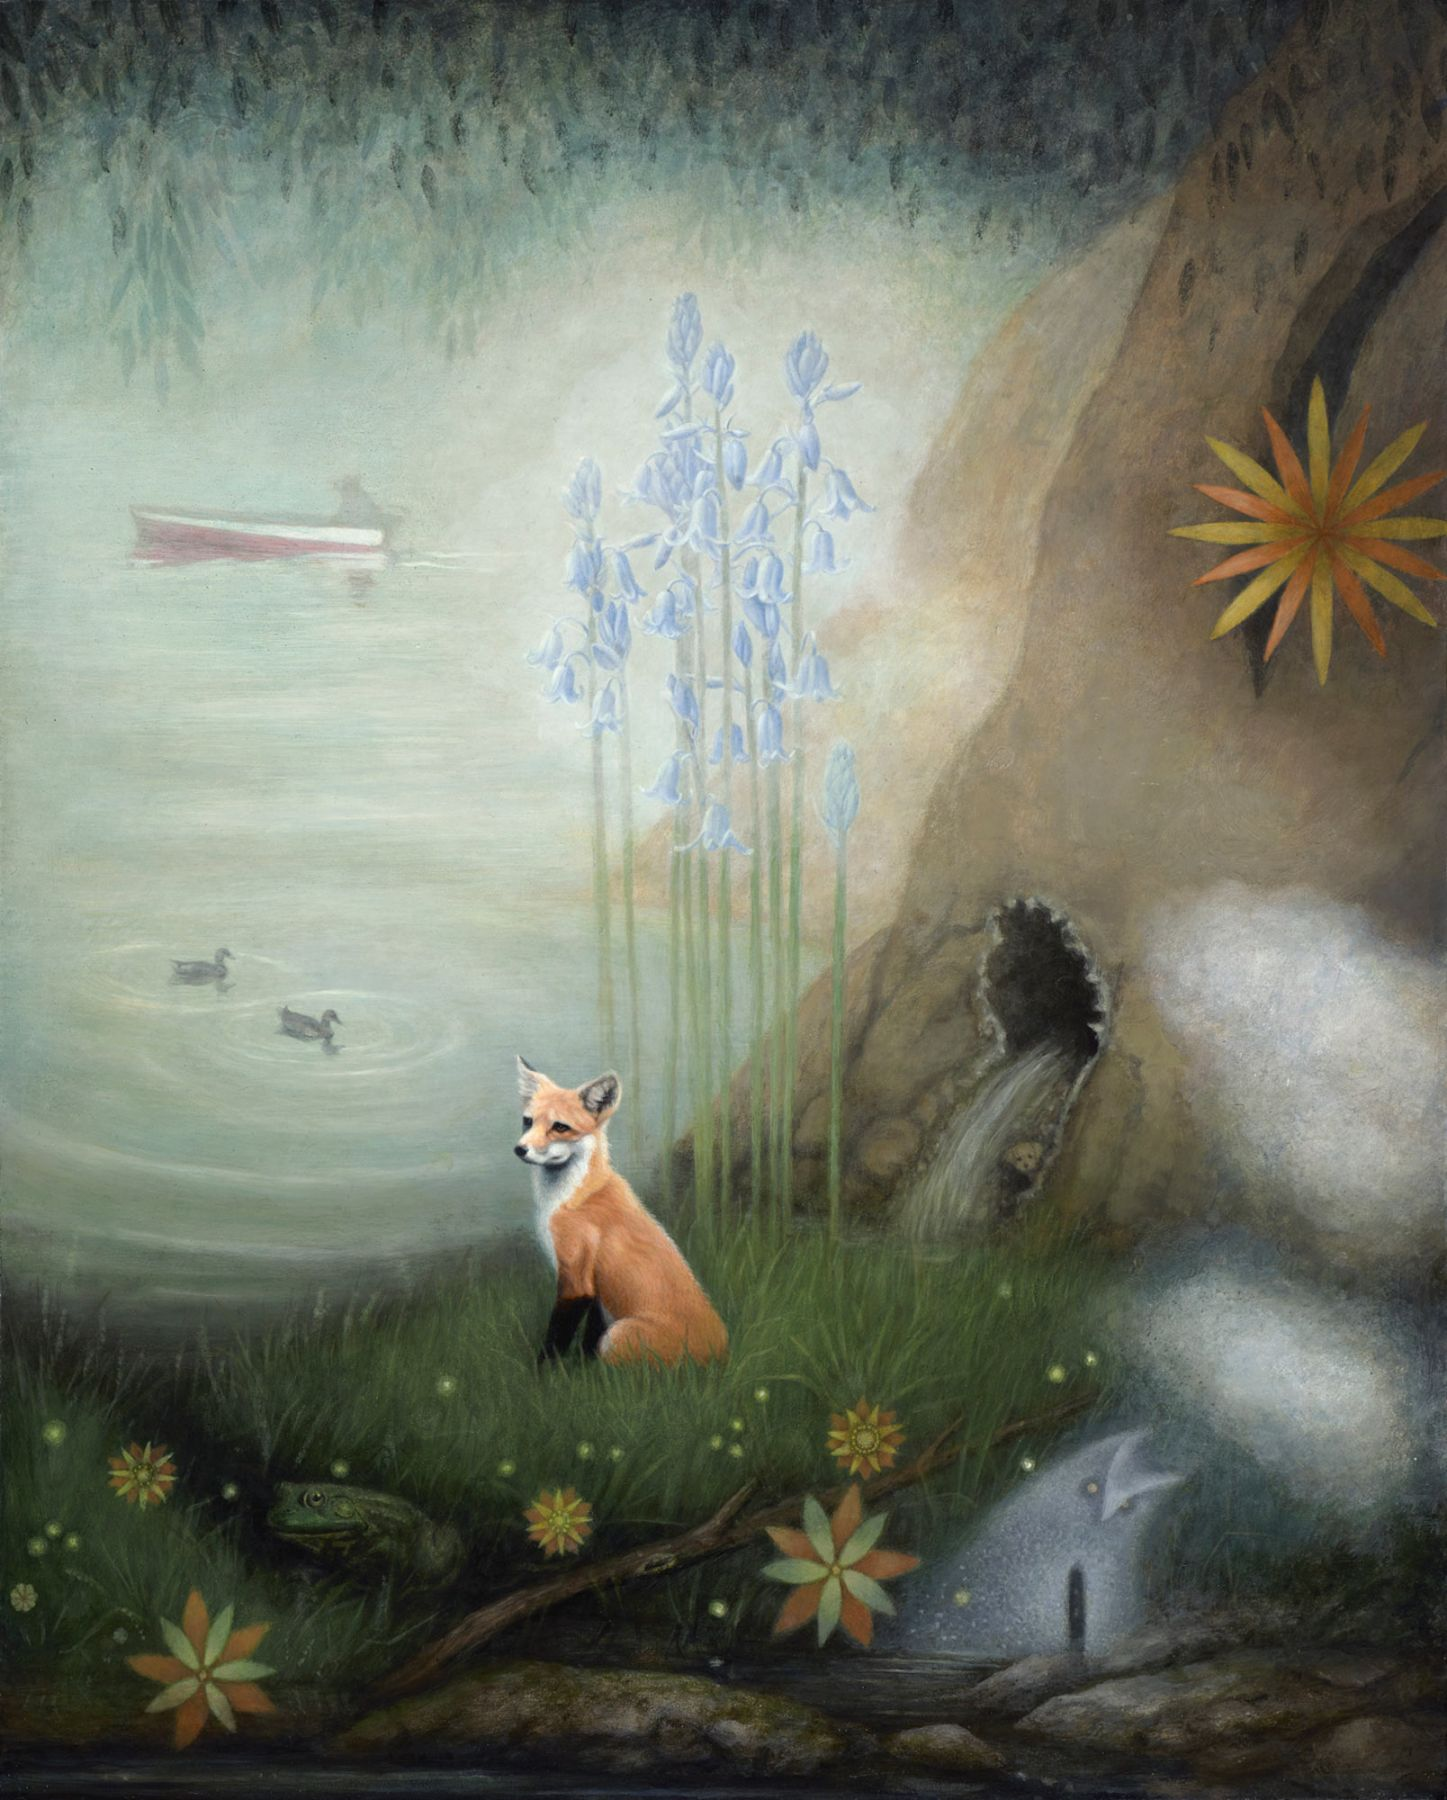 Susan McDonnell, Little Fox, 2018